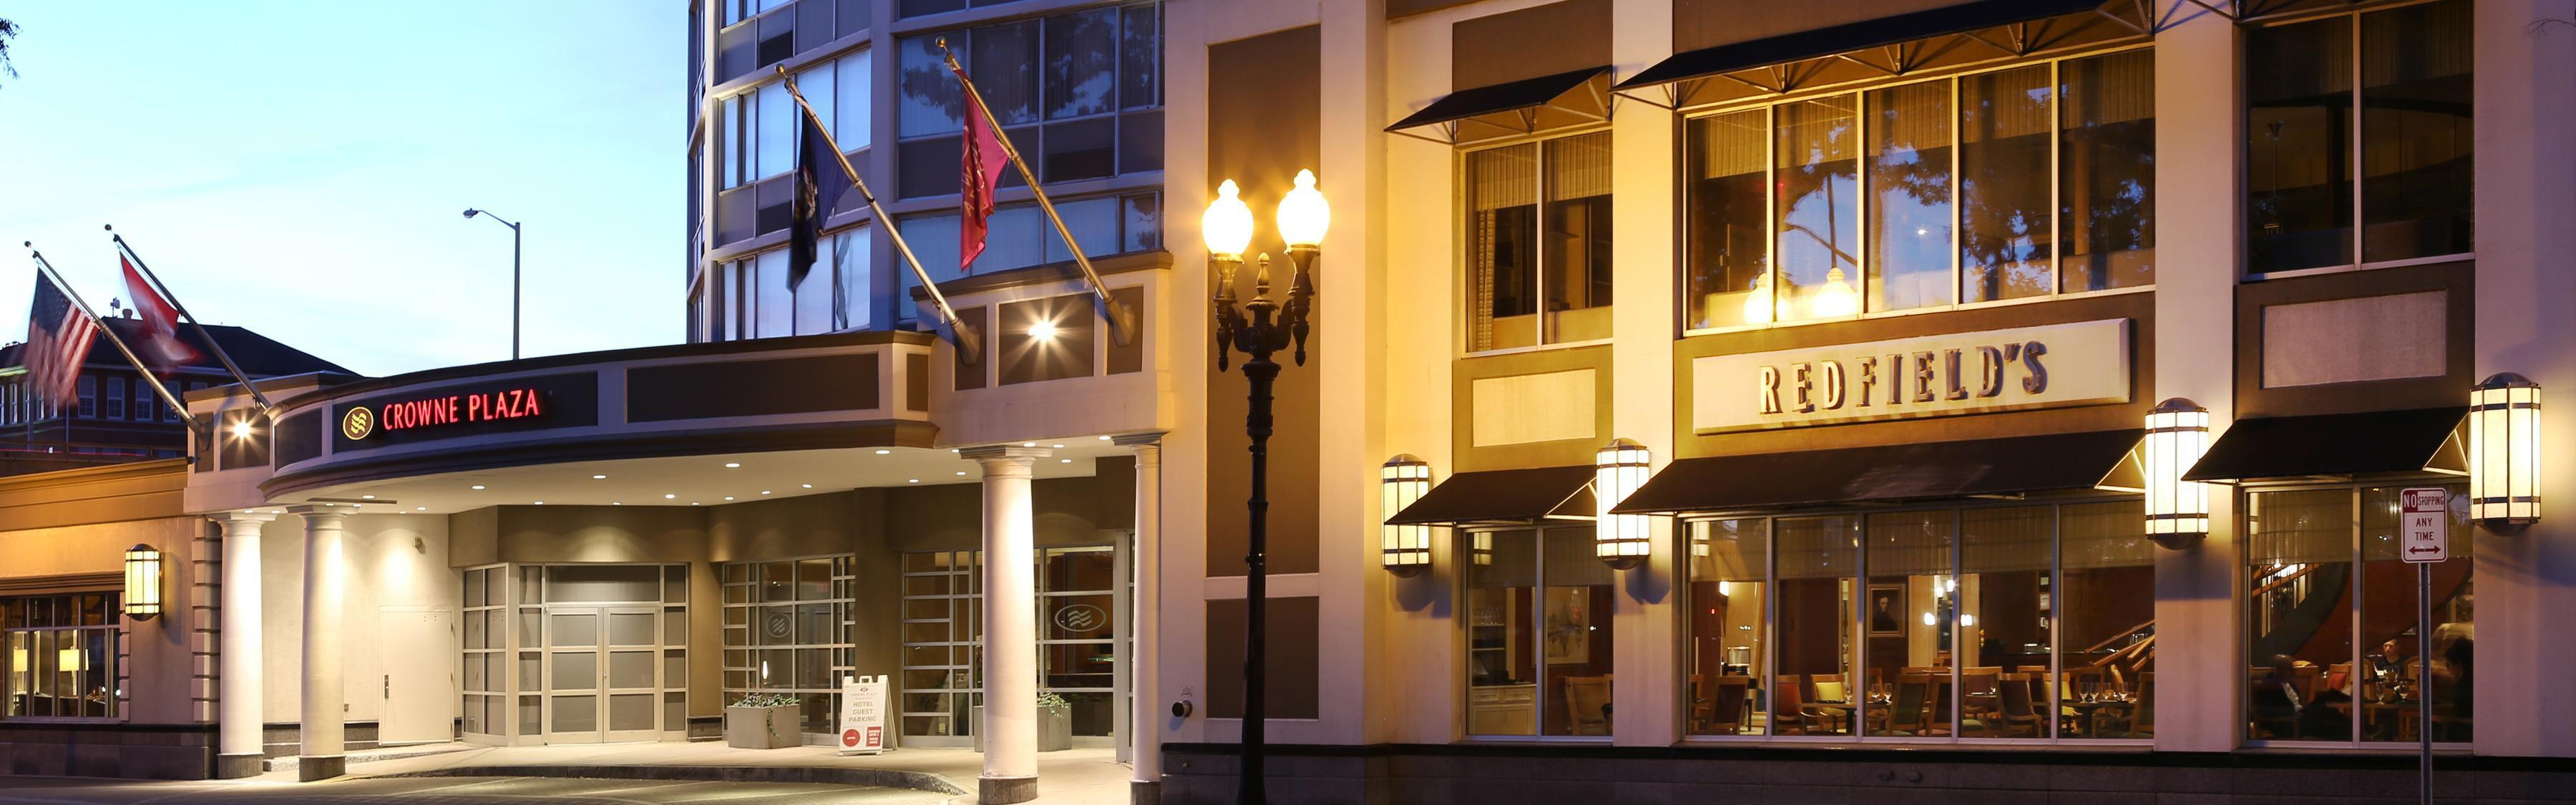 Crowne Plaza Syracuse image 3